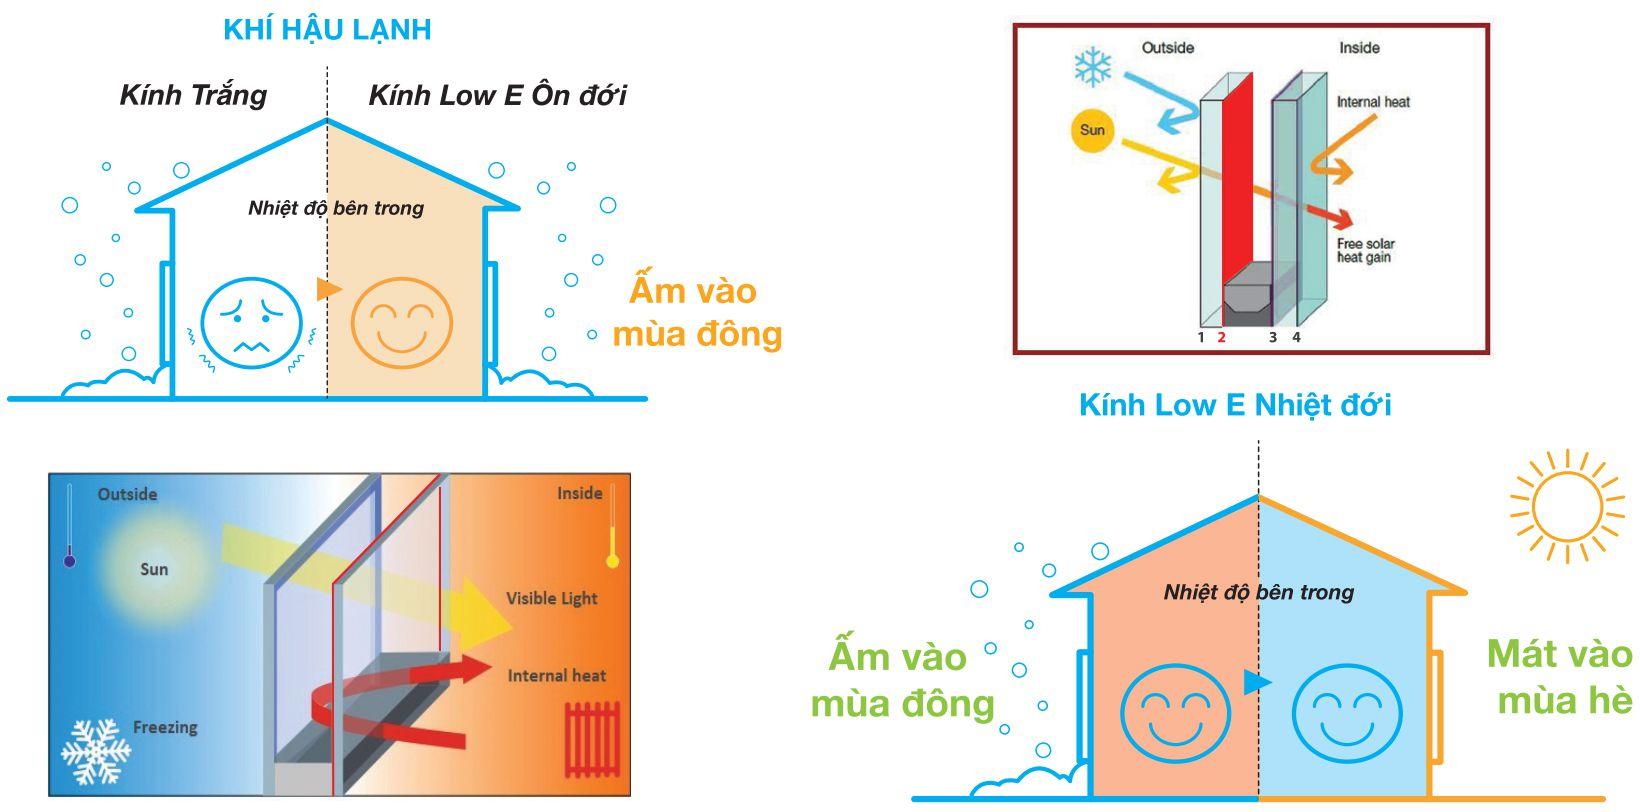 Hệ số hấp thụ năng lượng của dòng kính tiết kiệm năng lượng